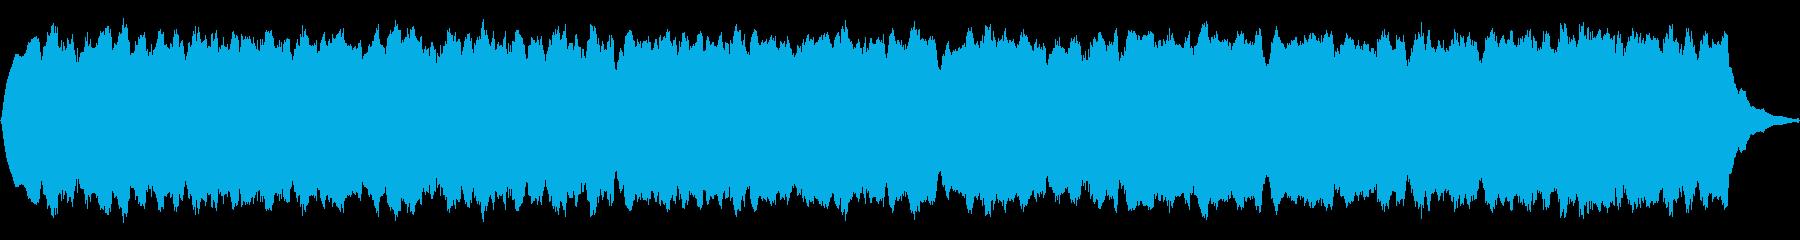 ピーポーピーポー(救急車のサイレン)の再生済みの波形